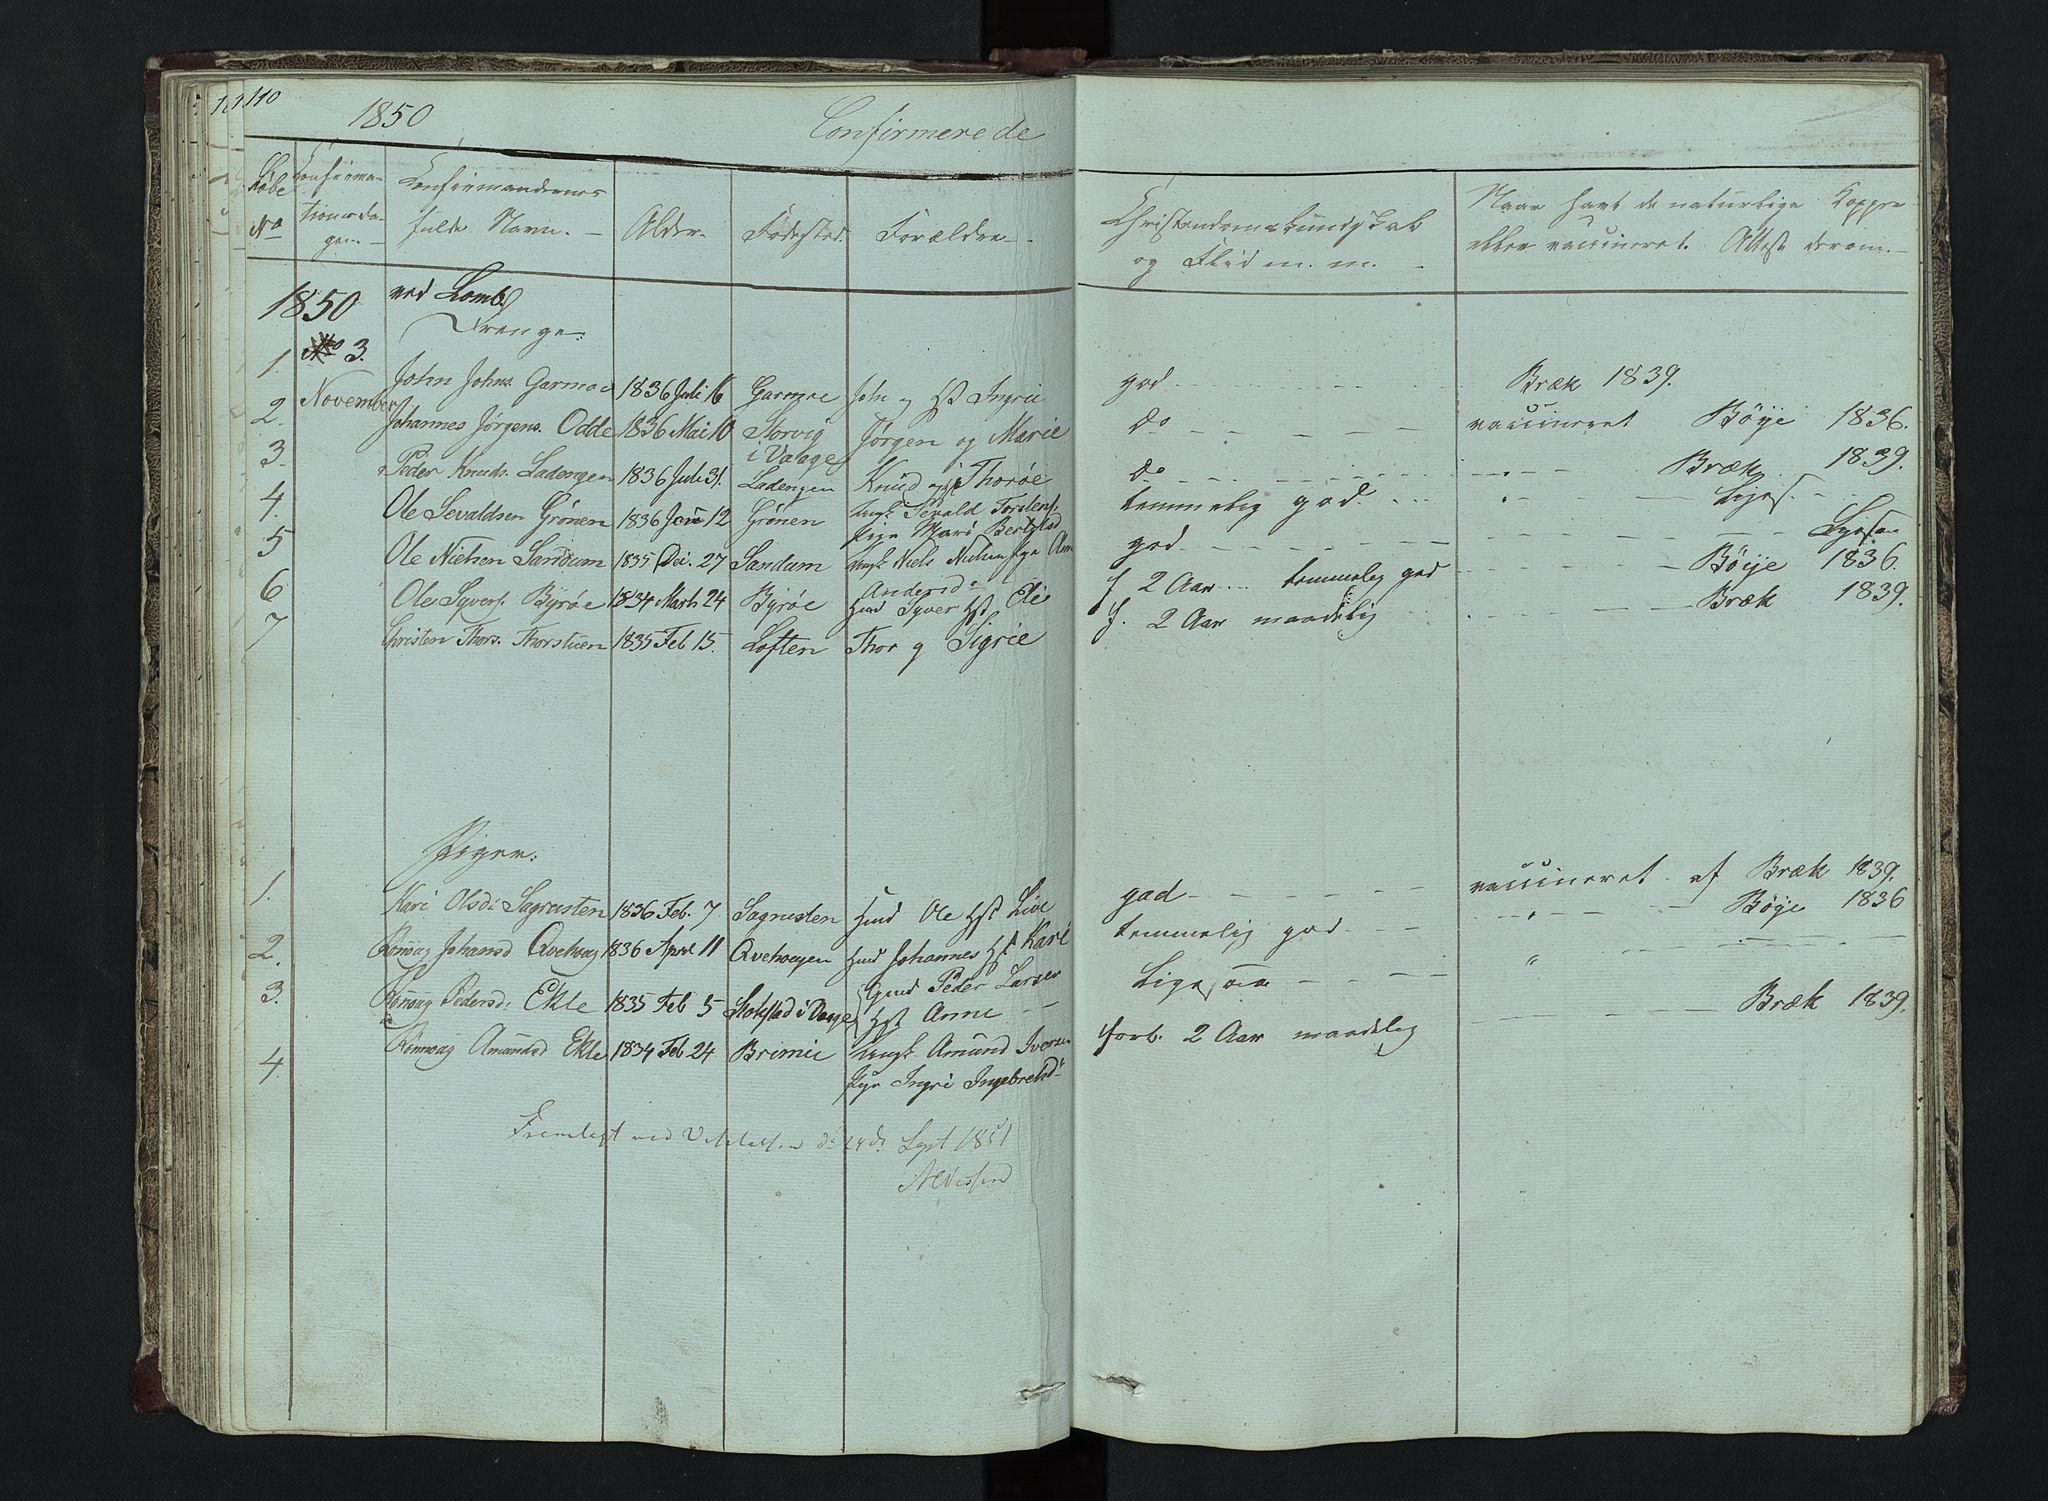 SAH, Lom prestekontor, L/L0014: Klokkerbok nr. 14, 1845-1876, s. 110-111